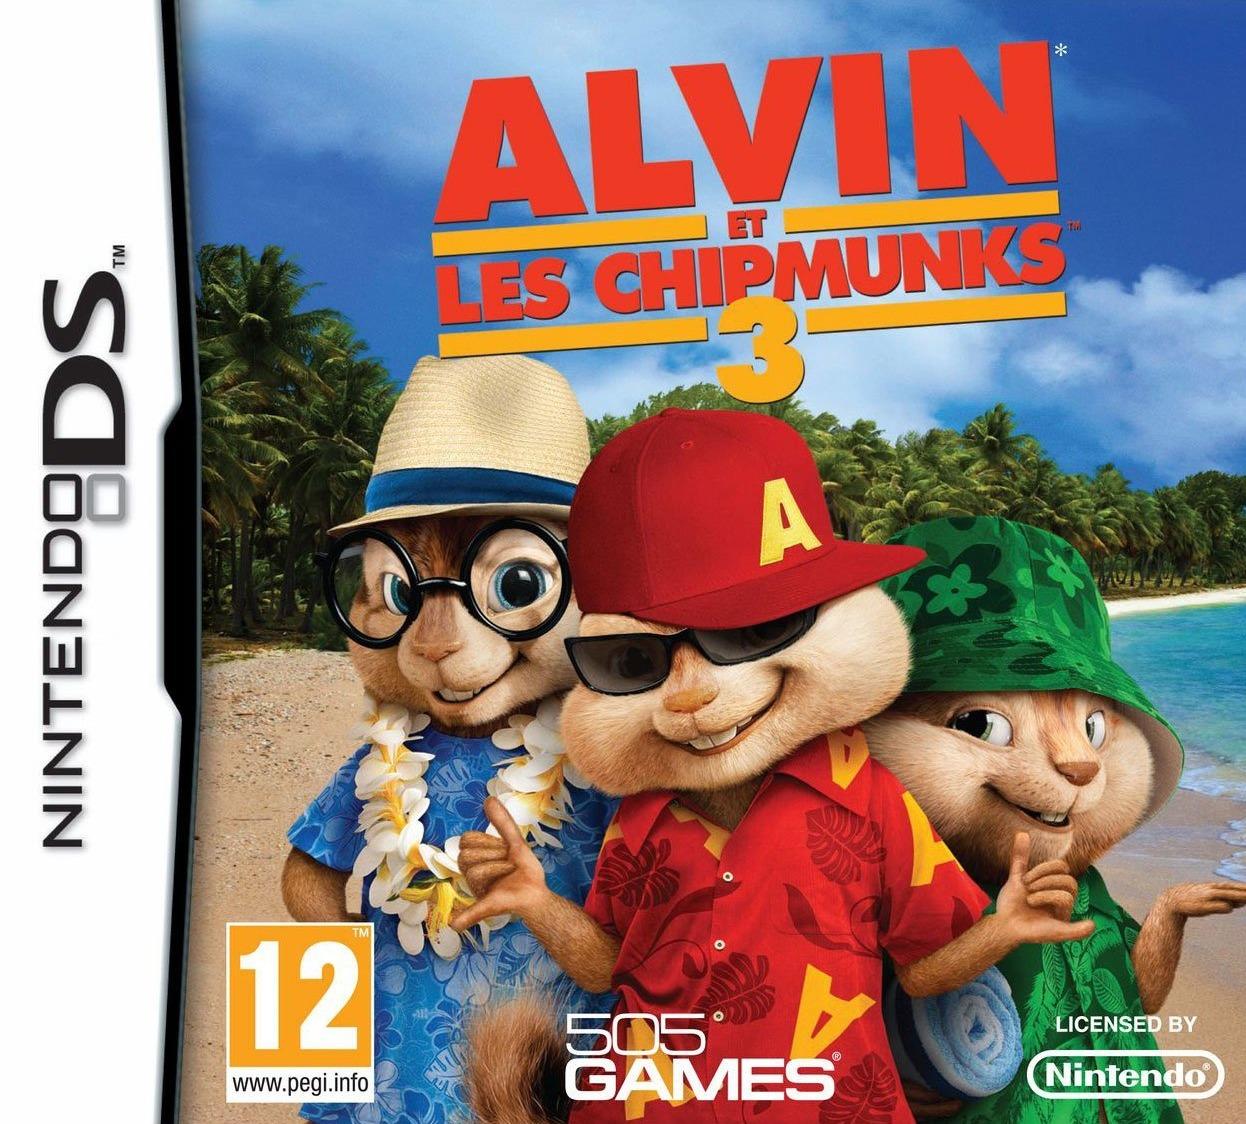 Alvin And The Chipmunks 3 Images alvin et les chipmunks 3 sur ds - achat à 23.5€ sur amazon